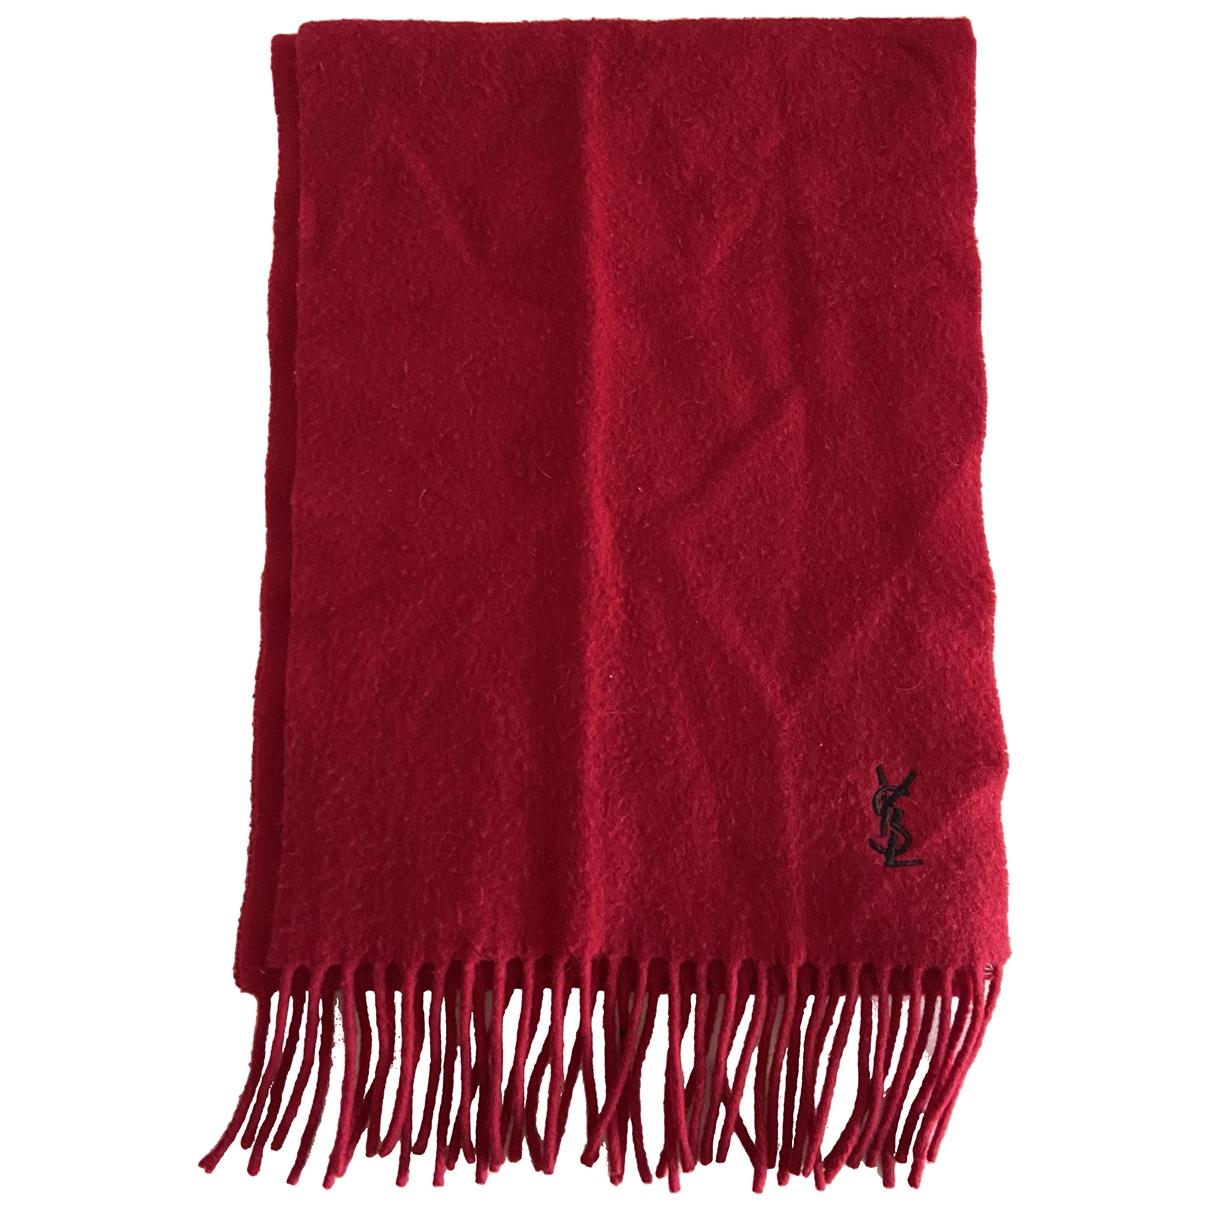 Yves Saint Laurent \N Red Cashmere scarf & pocket squares for Men \N